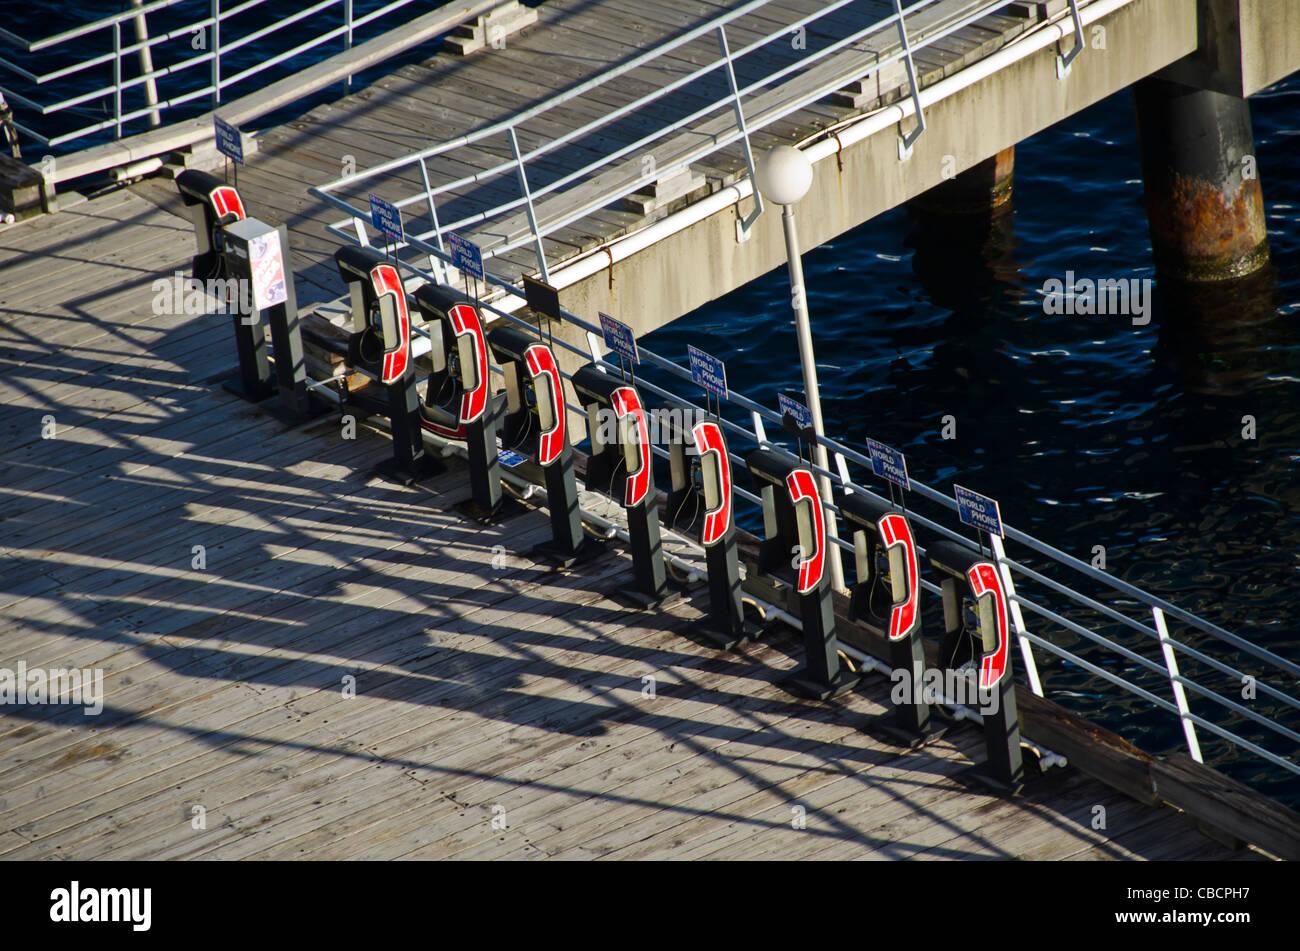 Ligne de téléphone rouge pour les appels internationaux sur l'embarcadère de croisière Photo Stock